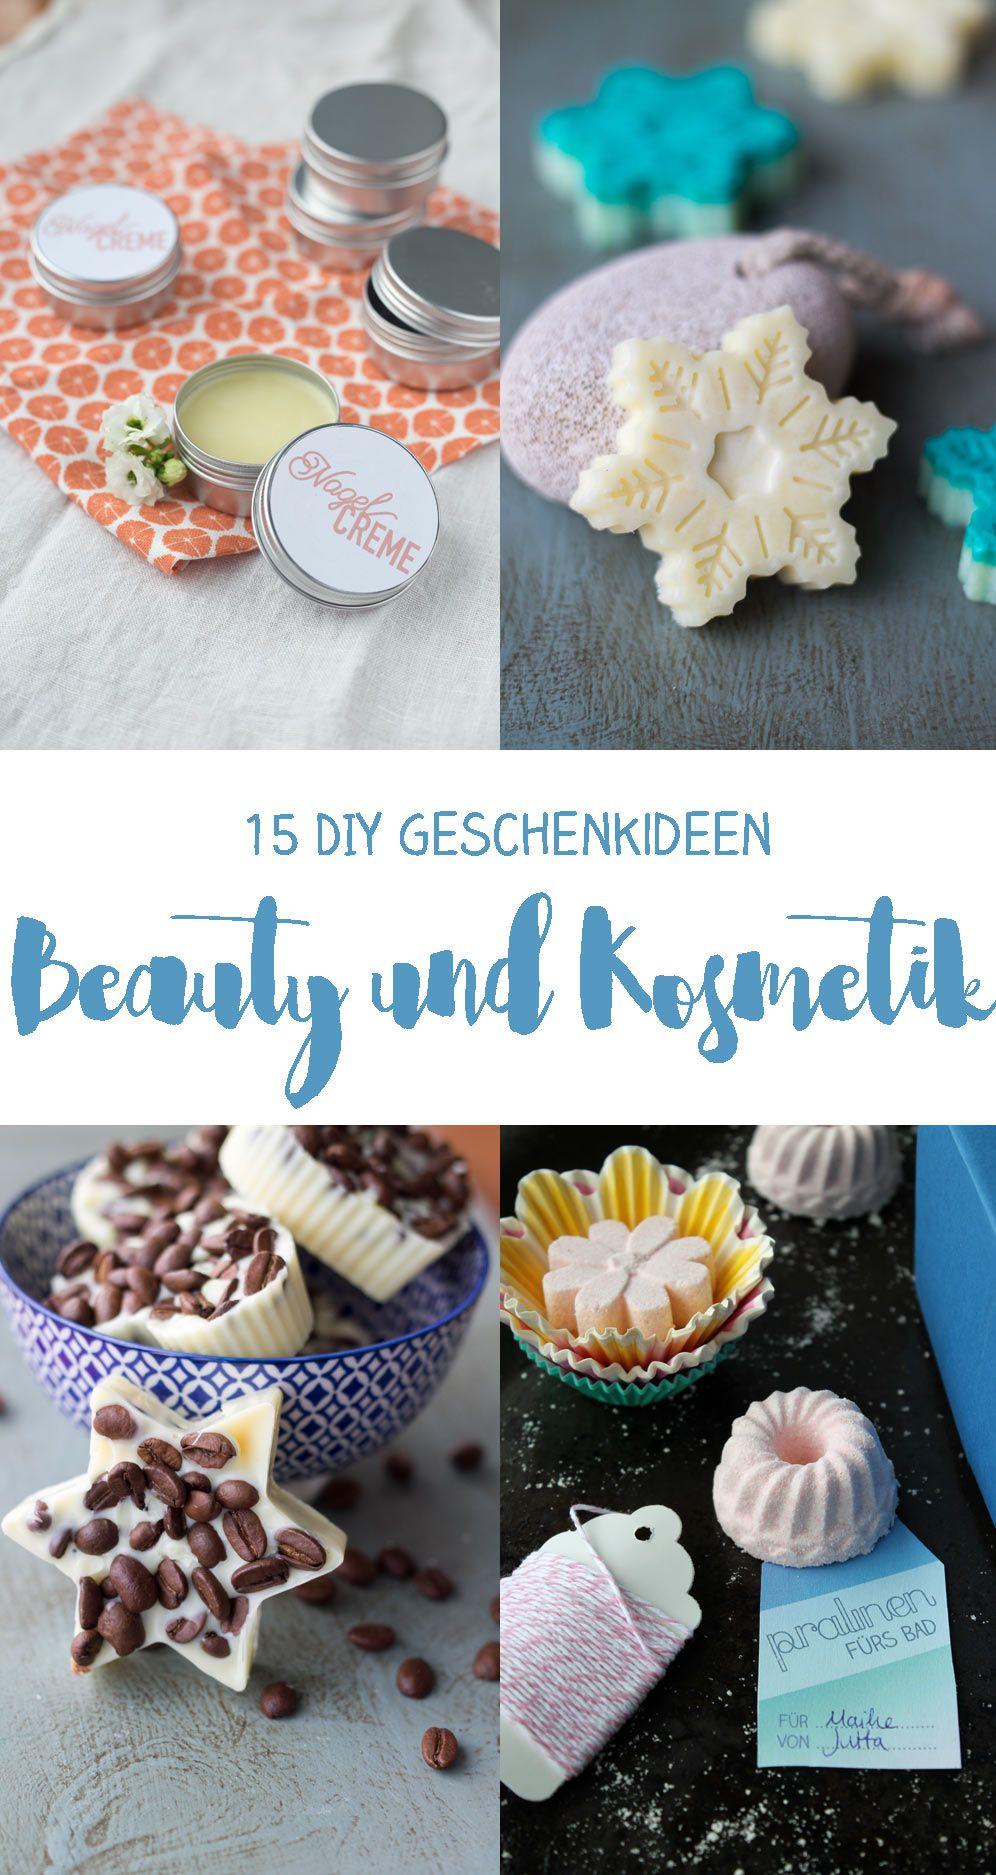 Kosmetik Geschenke  15 DIY Kosmetik Geschenkideen zum Selbermachen